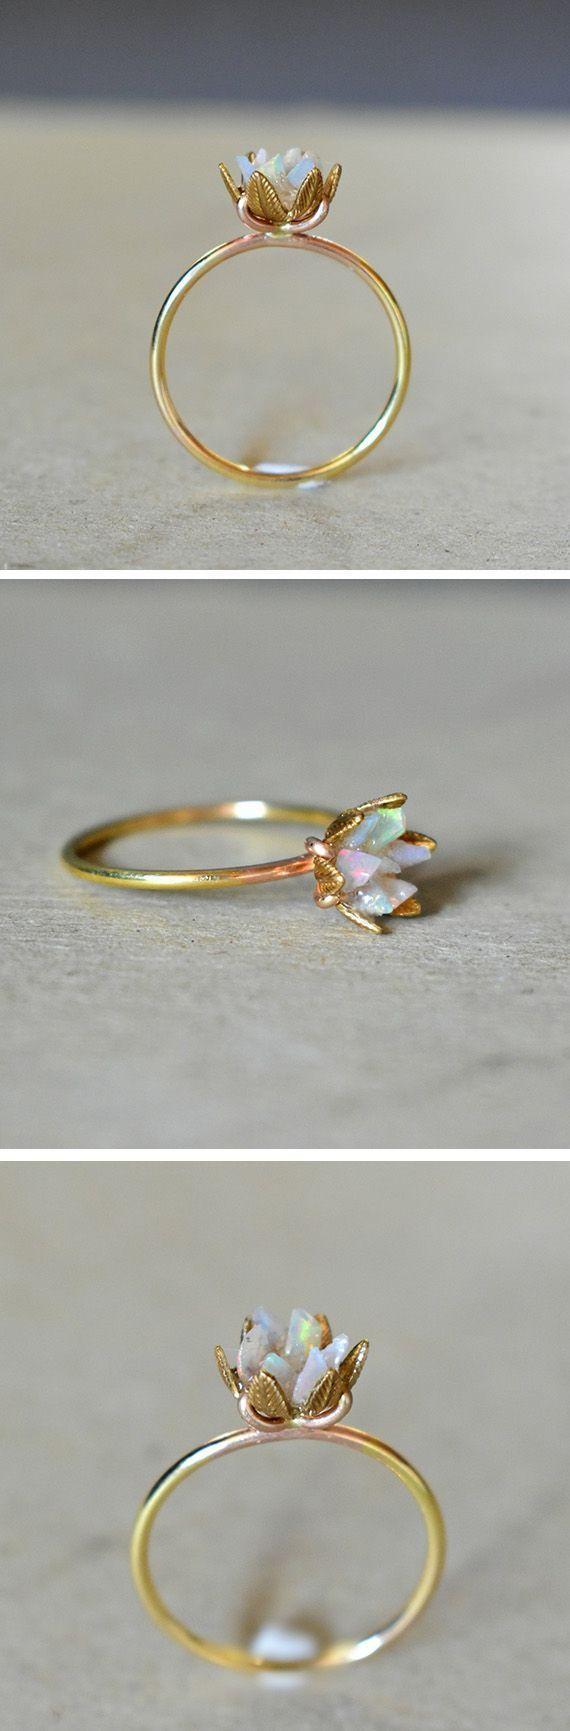 Stücke von rohem Opal ergänzen sich zu diesem schönen Lotusring #diesem #erga…